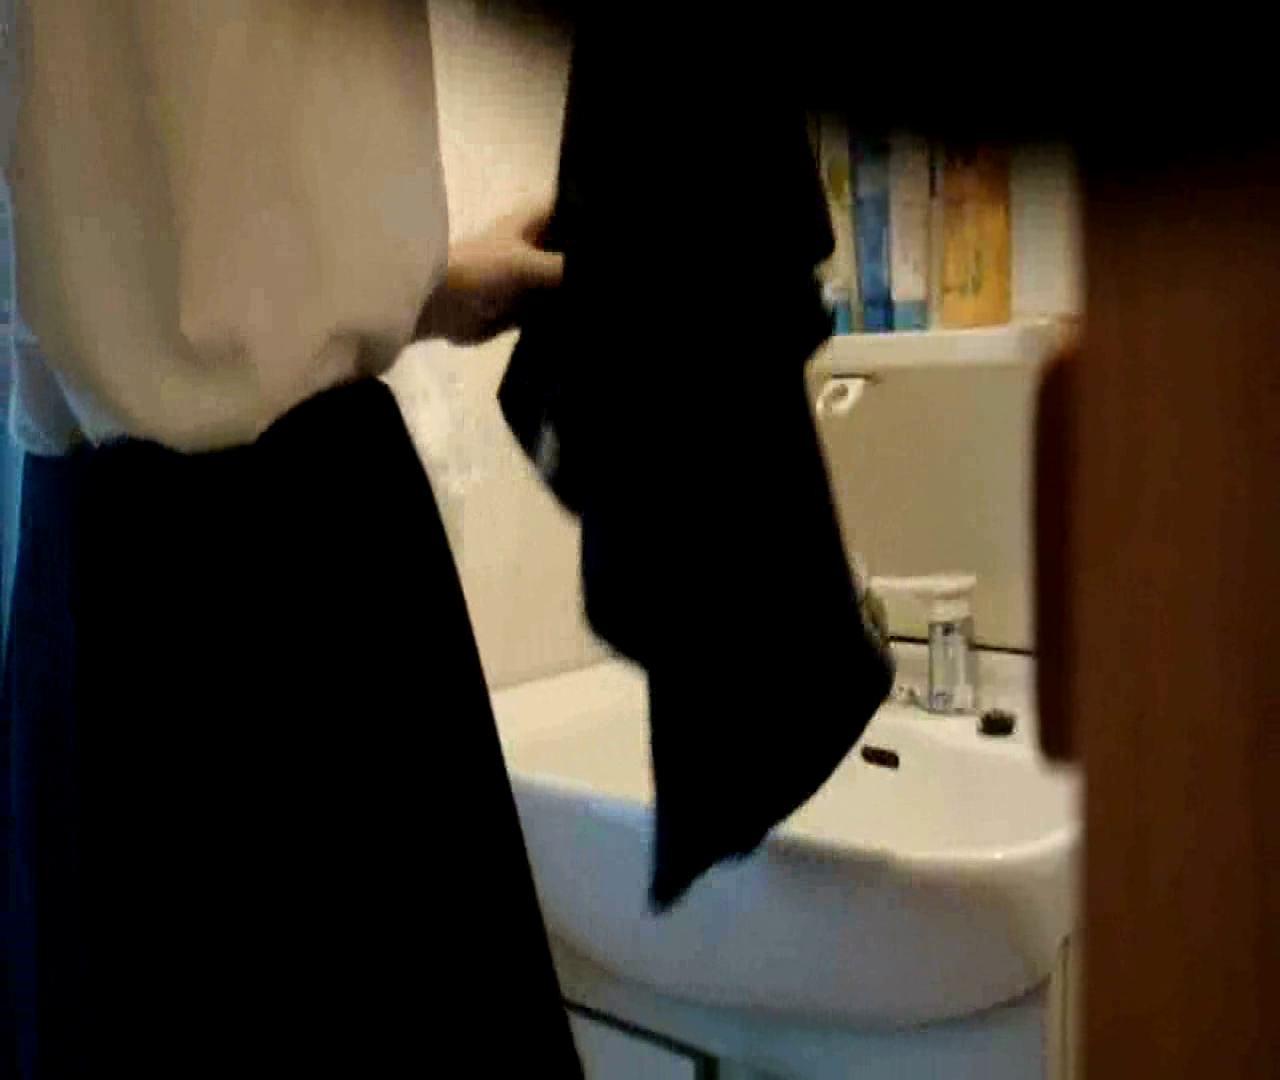 二人とも育てた甲斐がありました… vol.05 まどかが洗顔後にブラを洗濯 HなOL | 0  98pic 84